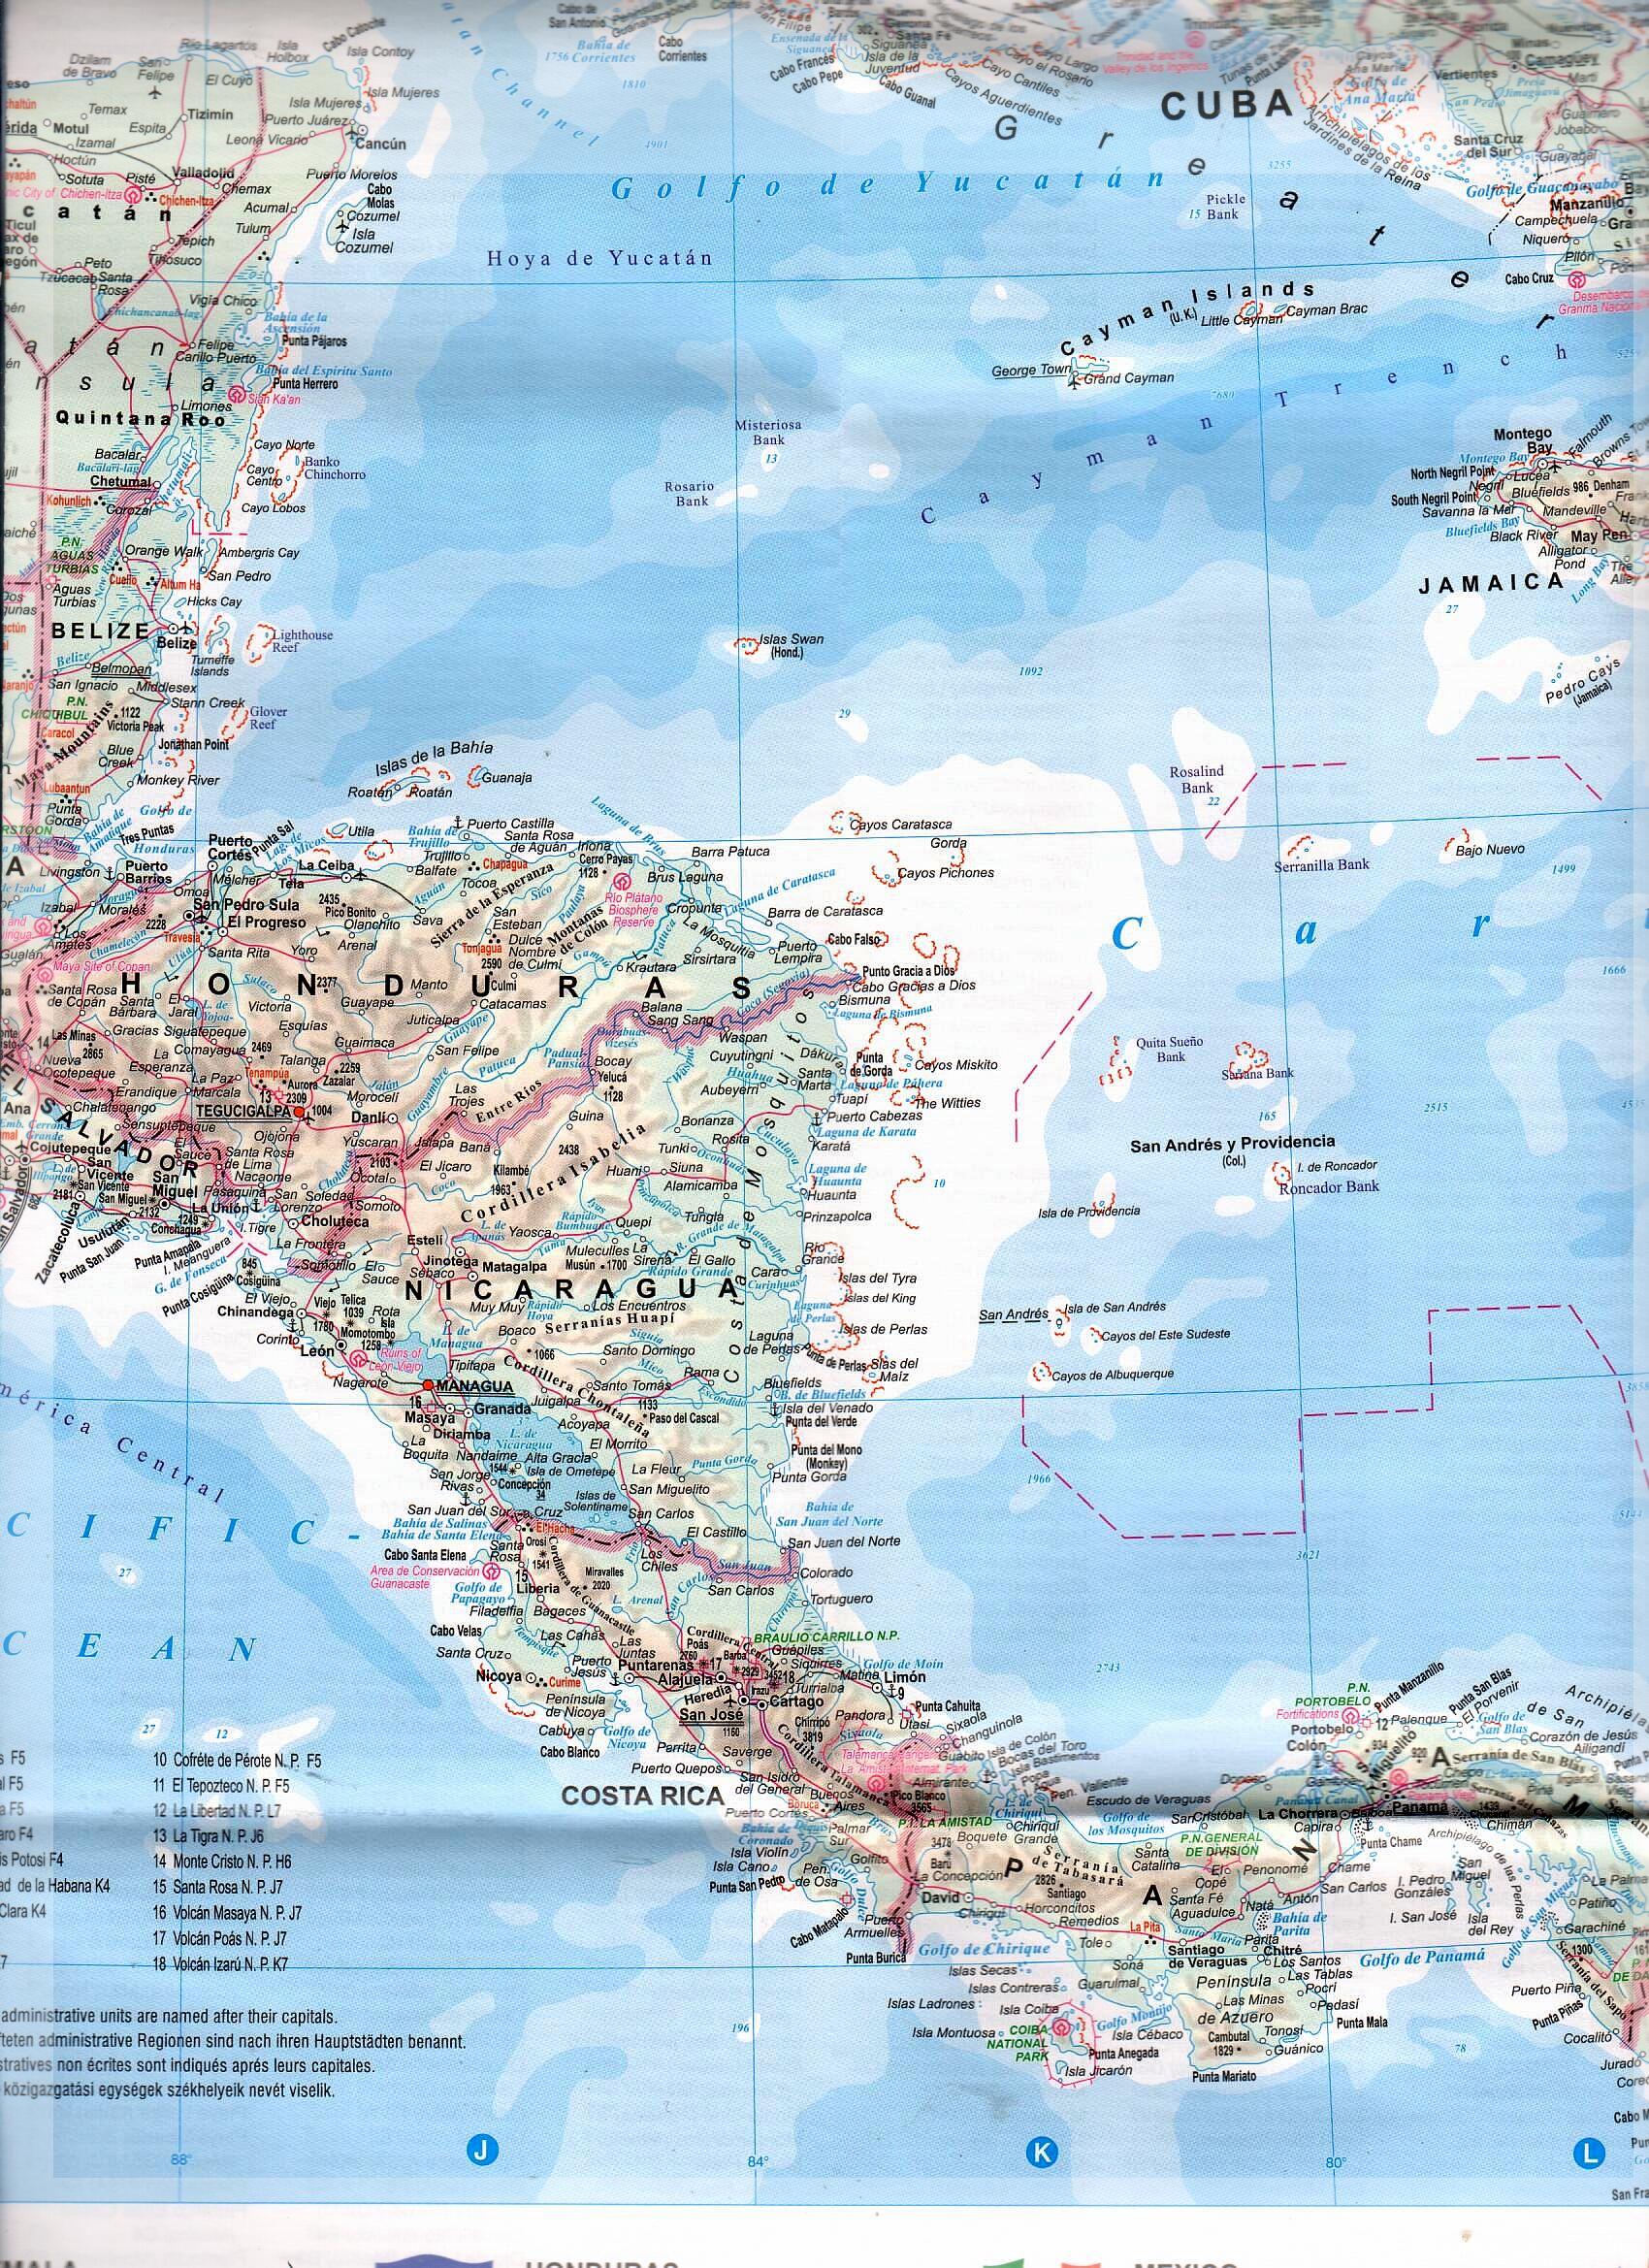 Közép-Amerika, Karib-szigetek, Mexikó térkép mintakivágata